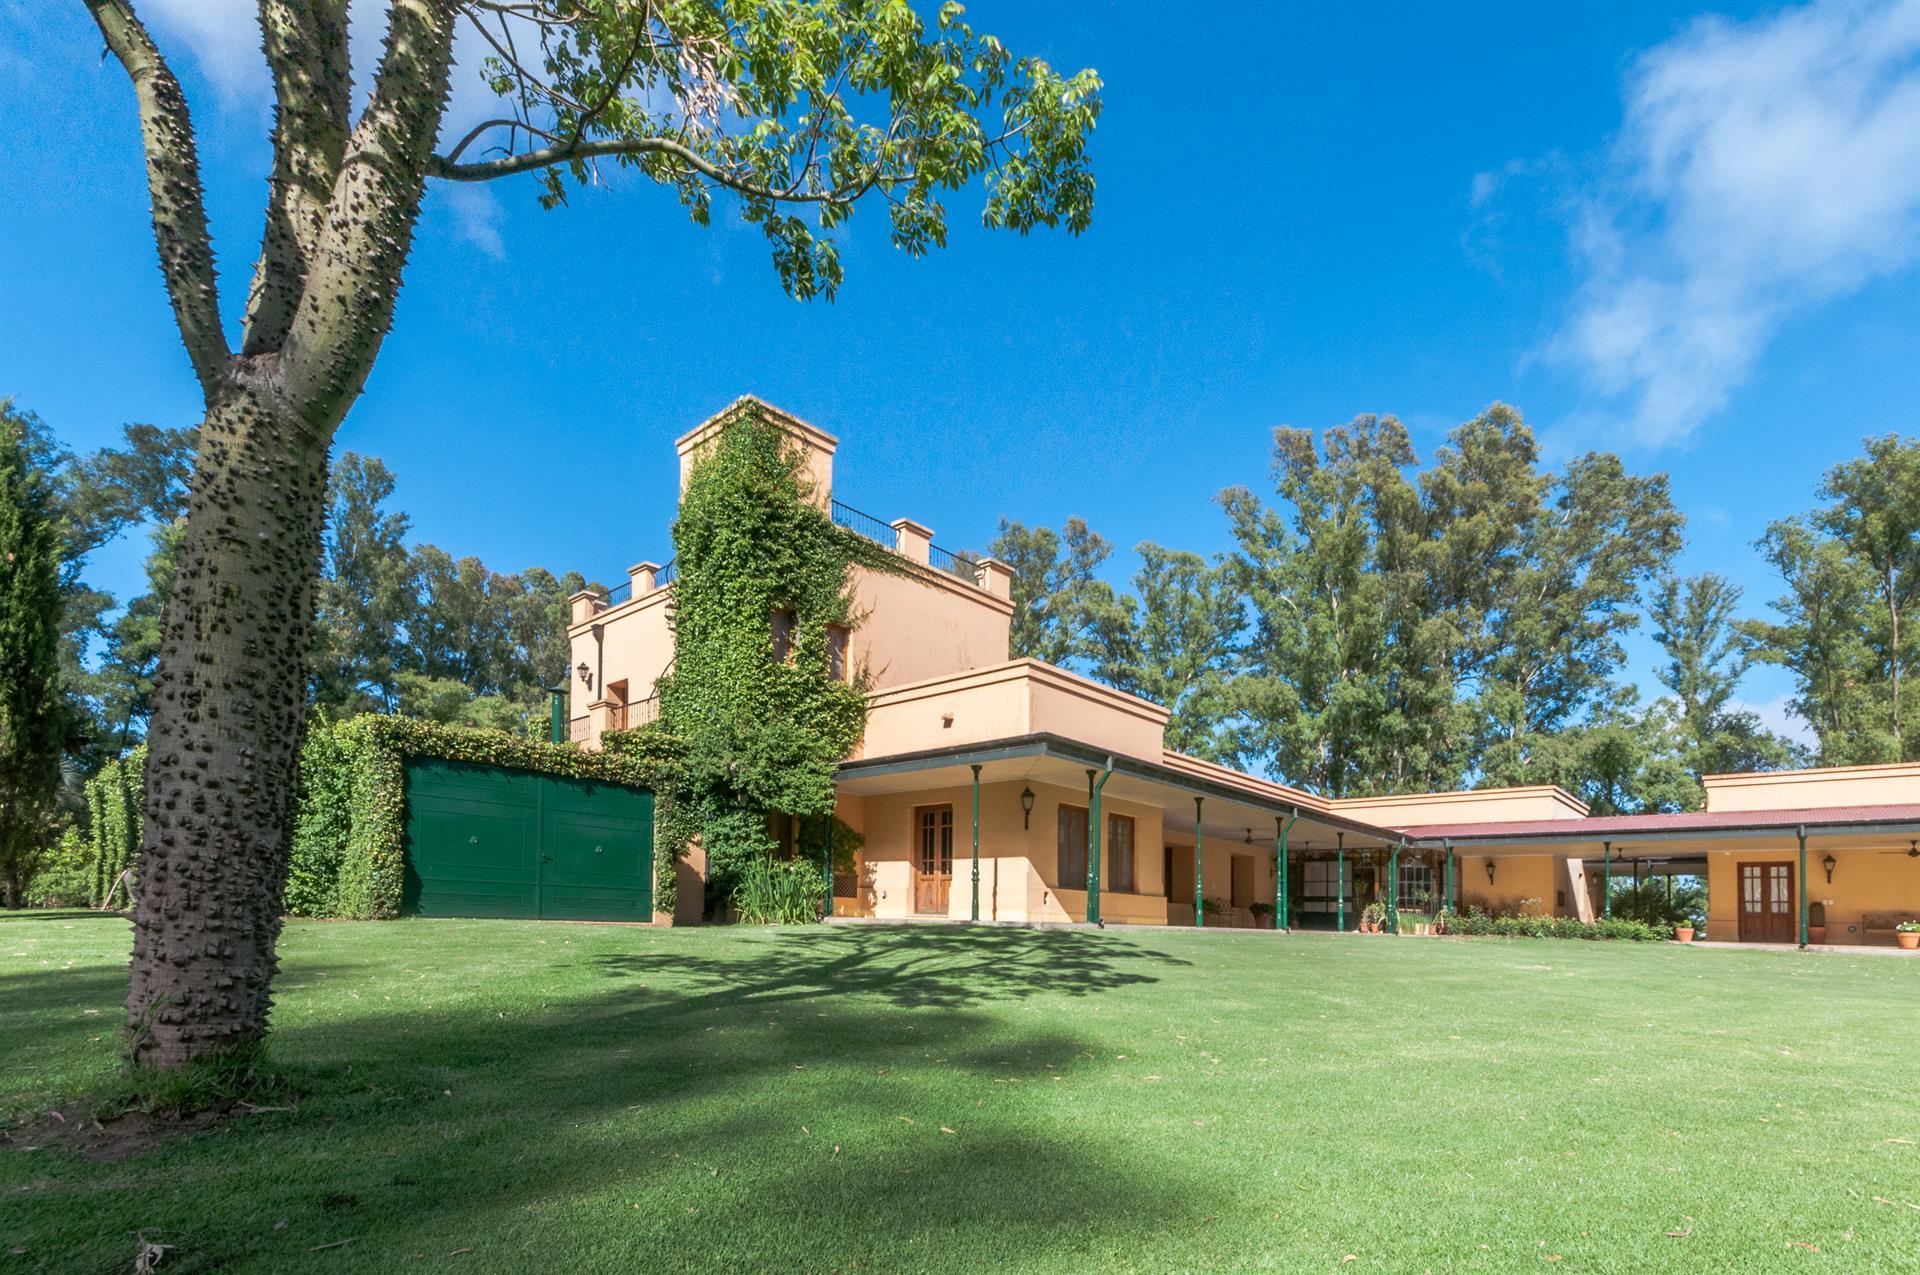 Chacra Santa María De Lobos A Luxury Casas De Retiro For